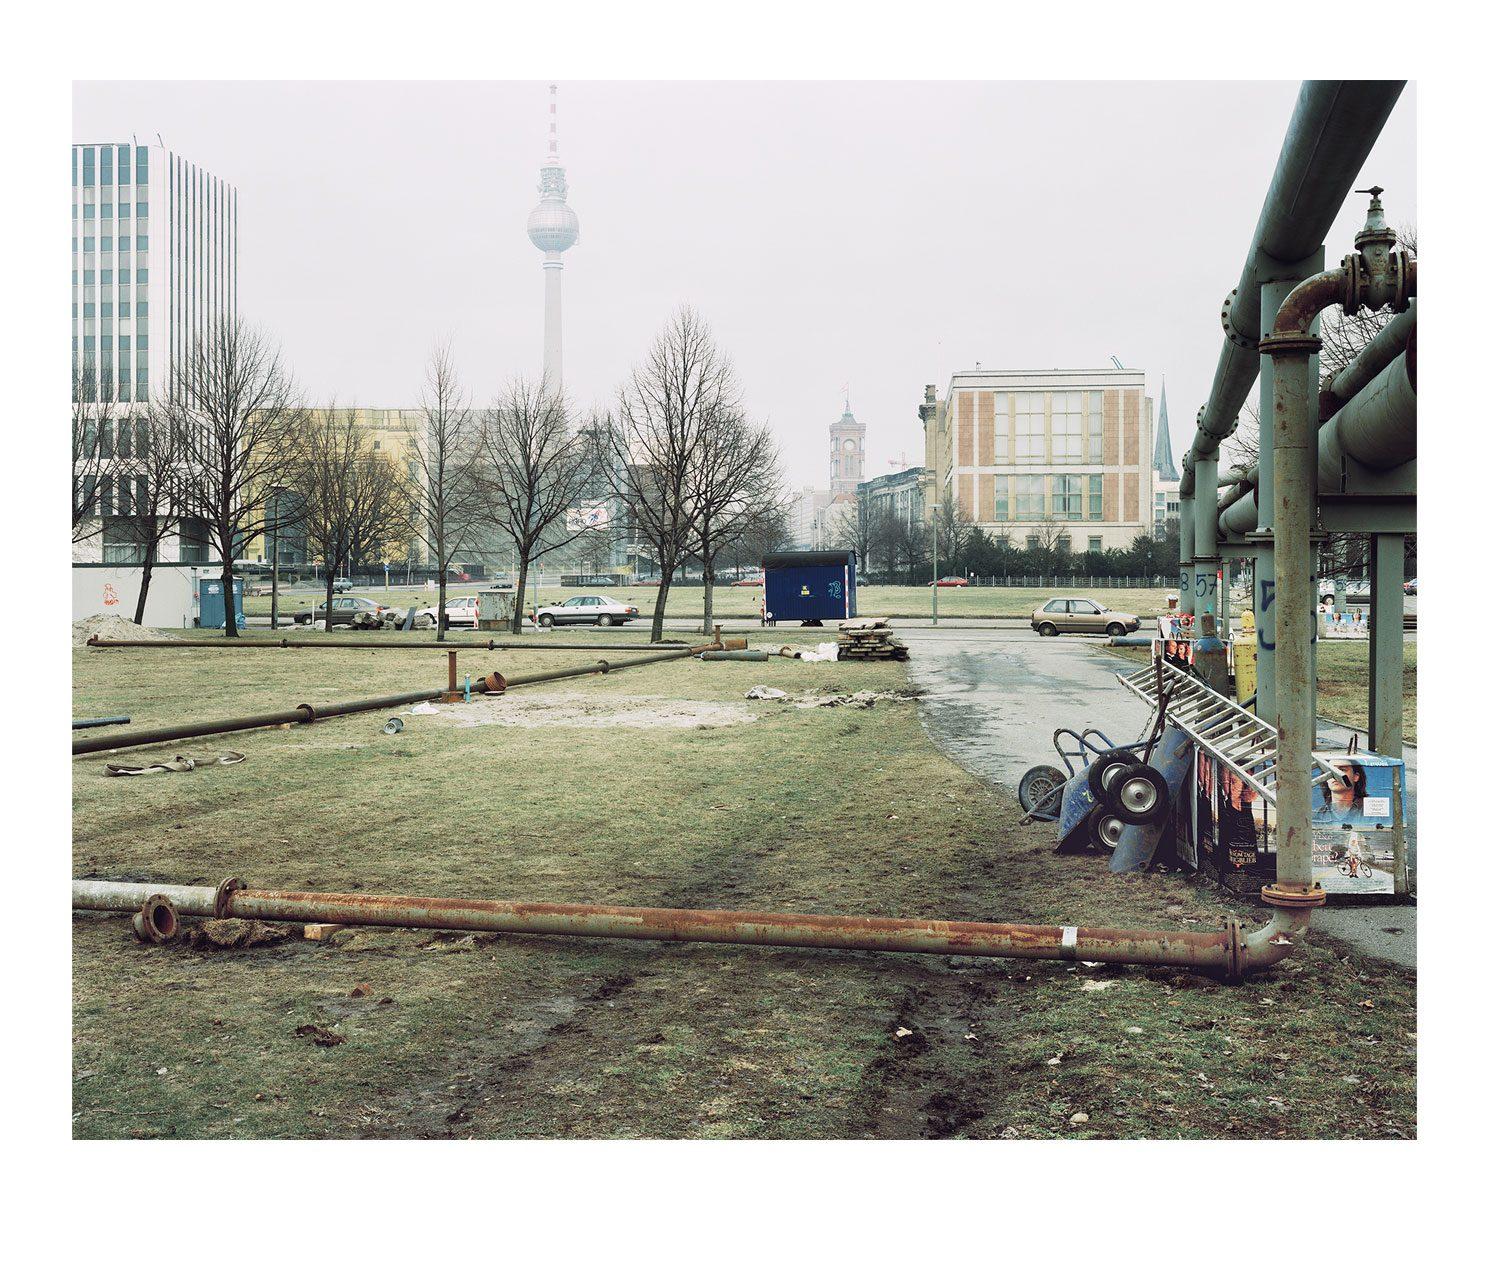 Stadt #01, Werderscher Markt, 1994